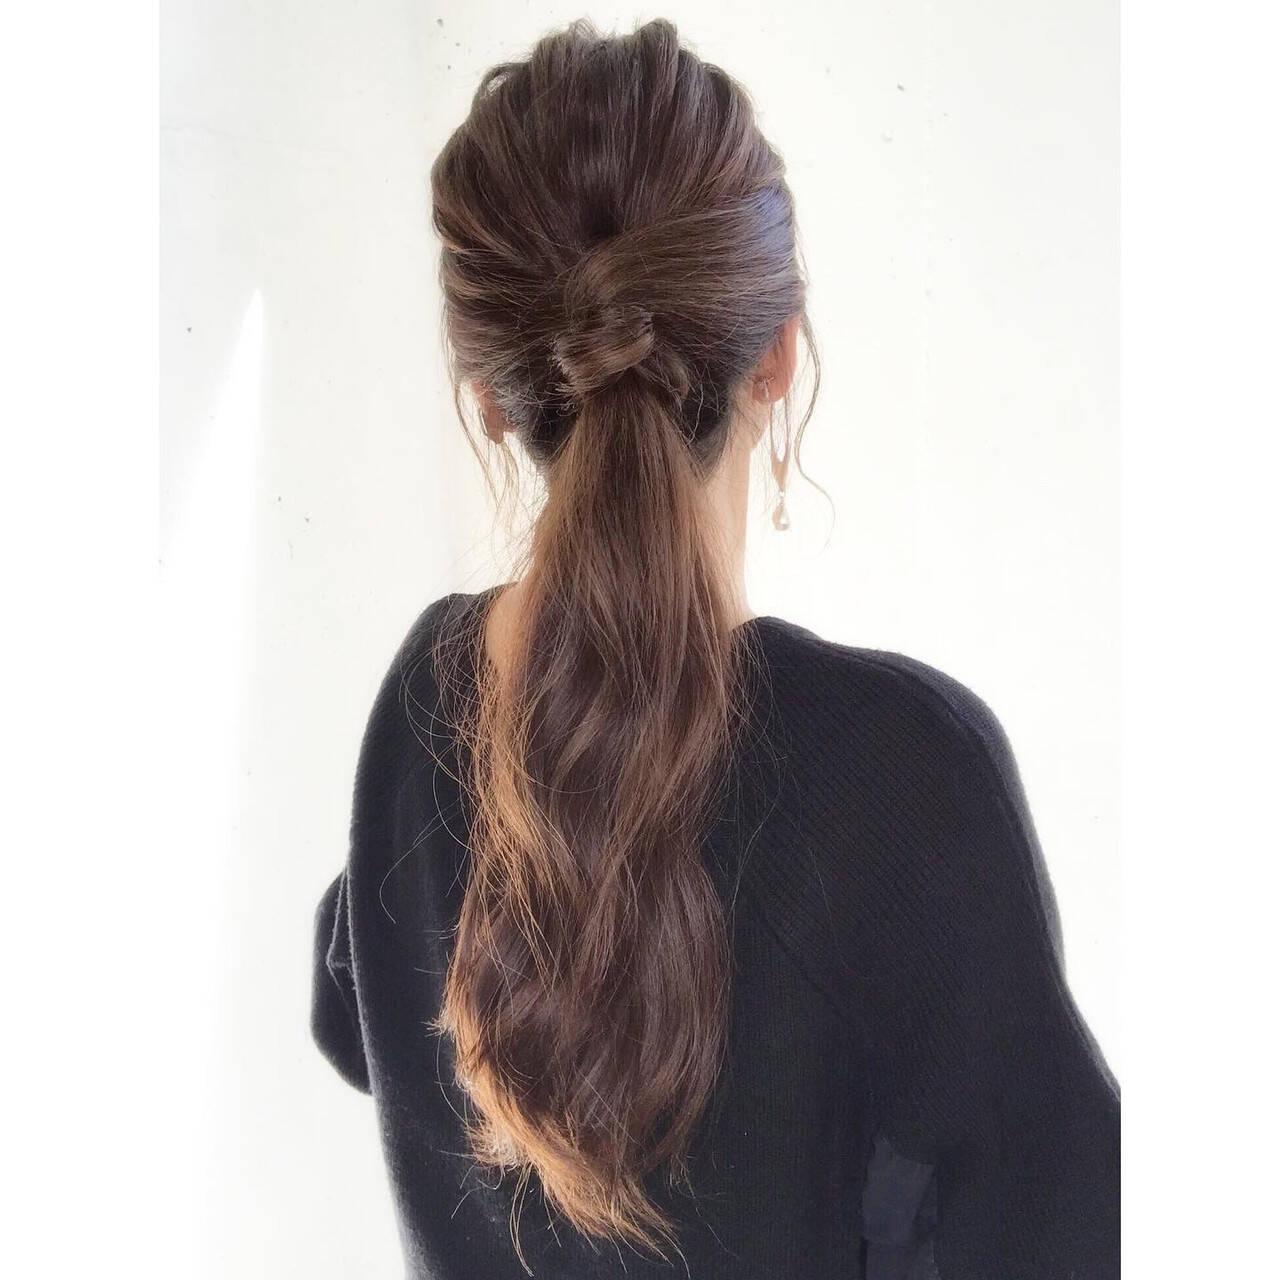 ロング 簡単ヘアアレンジ ポニーテールアレンジ ナチュラルヘアスタイルや髪型の写真・画像